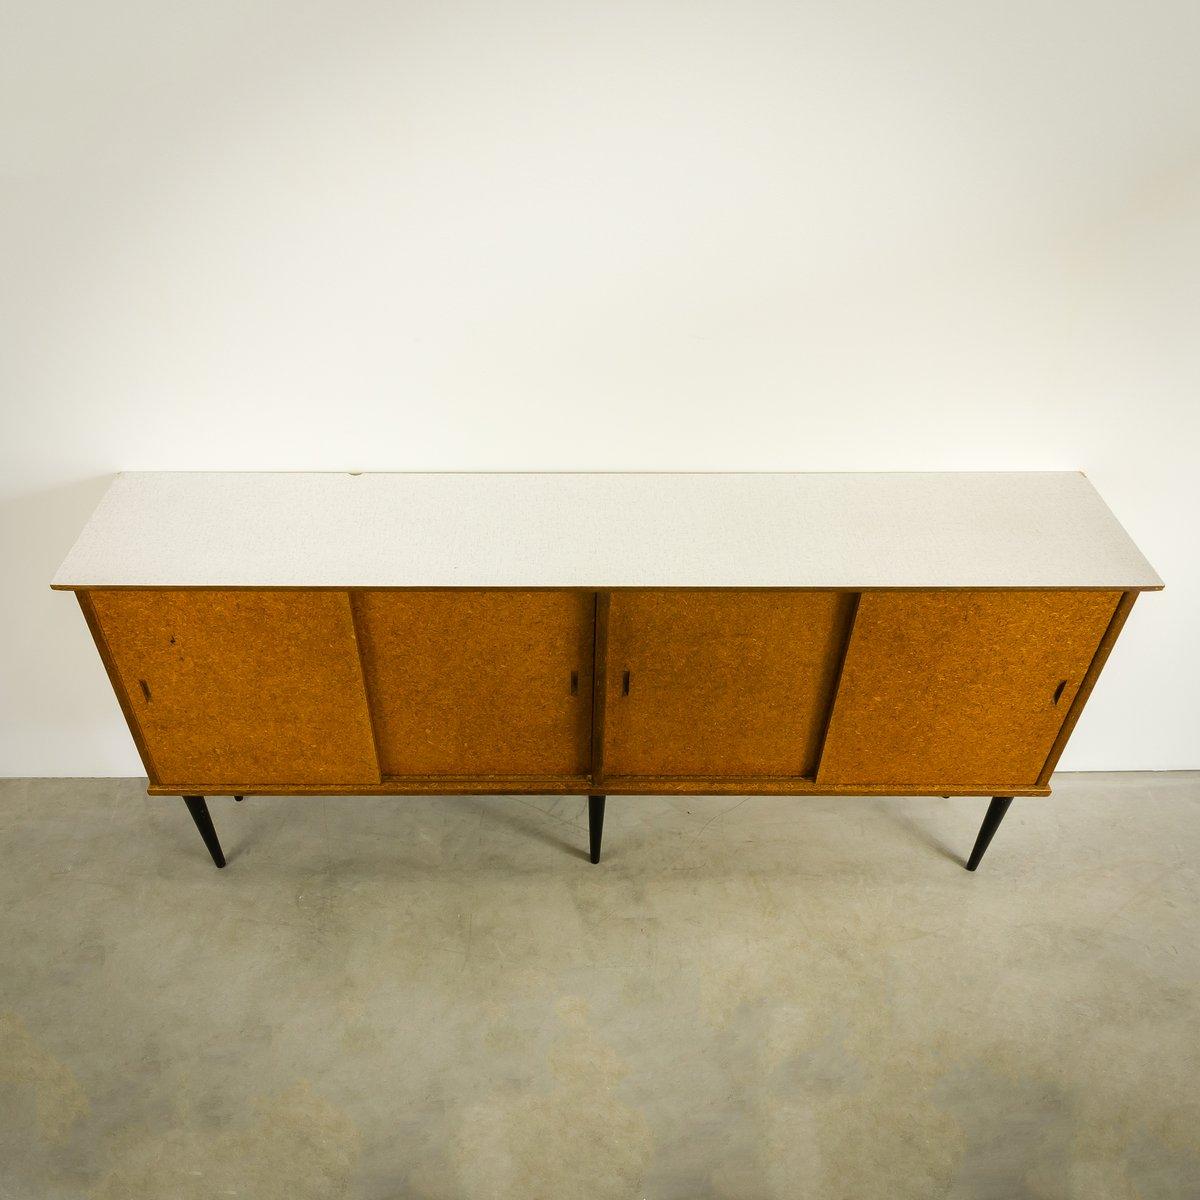 niederl ndisches sideboard mit schiebet ren von nissen naarden 1950er bei pamono kaufen. Black Bedroom Furniture Sets. Home Design Ideas